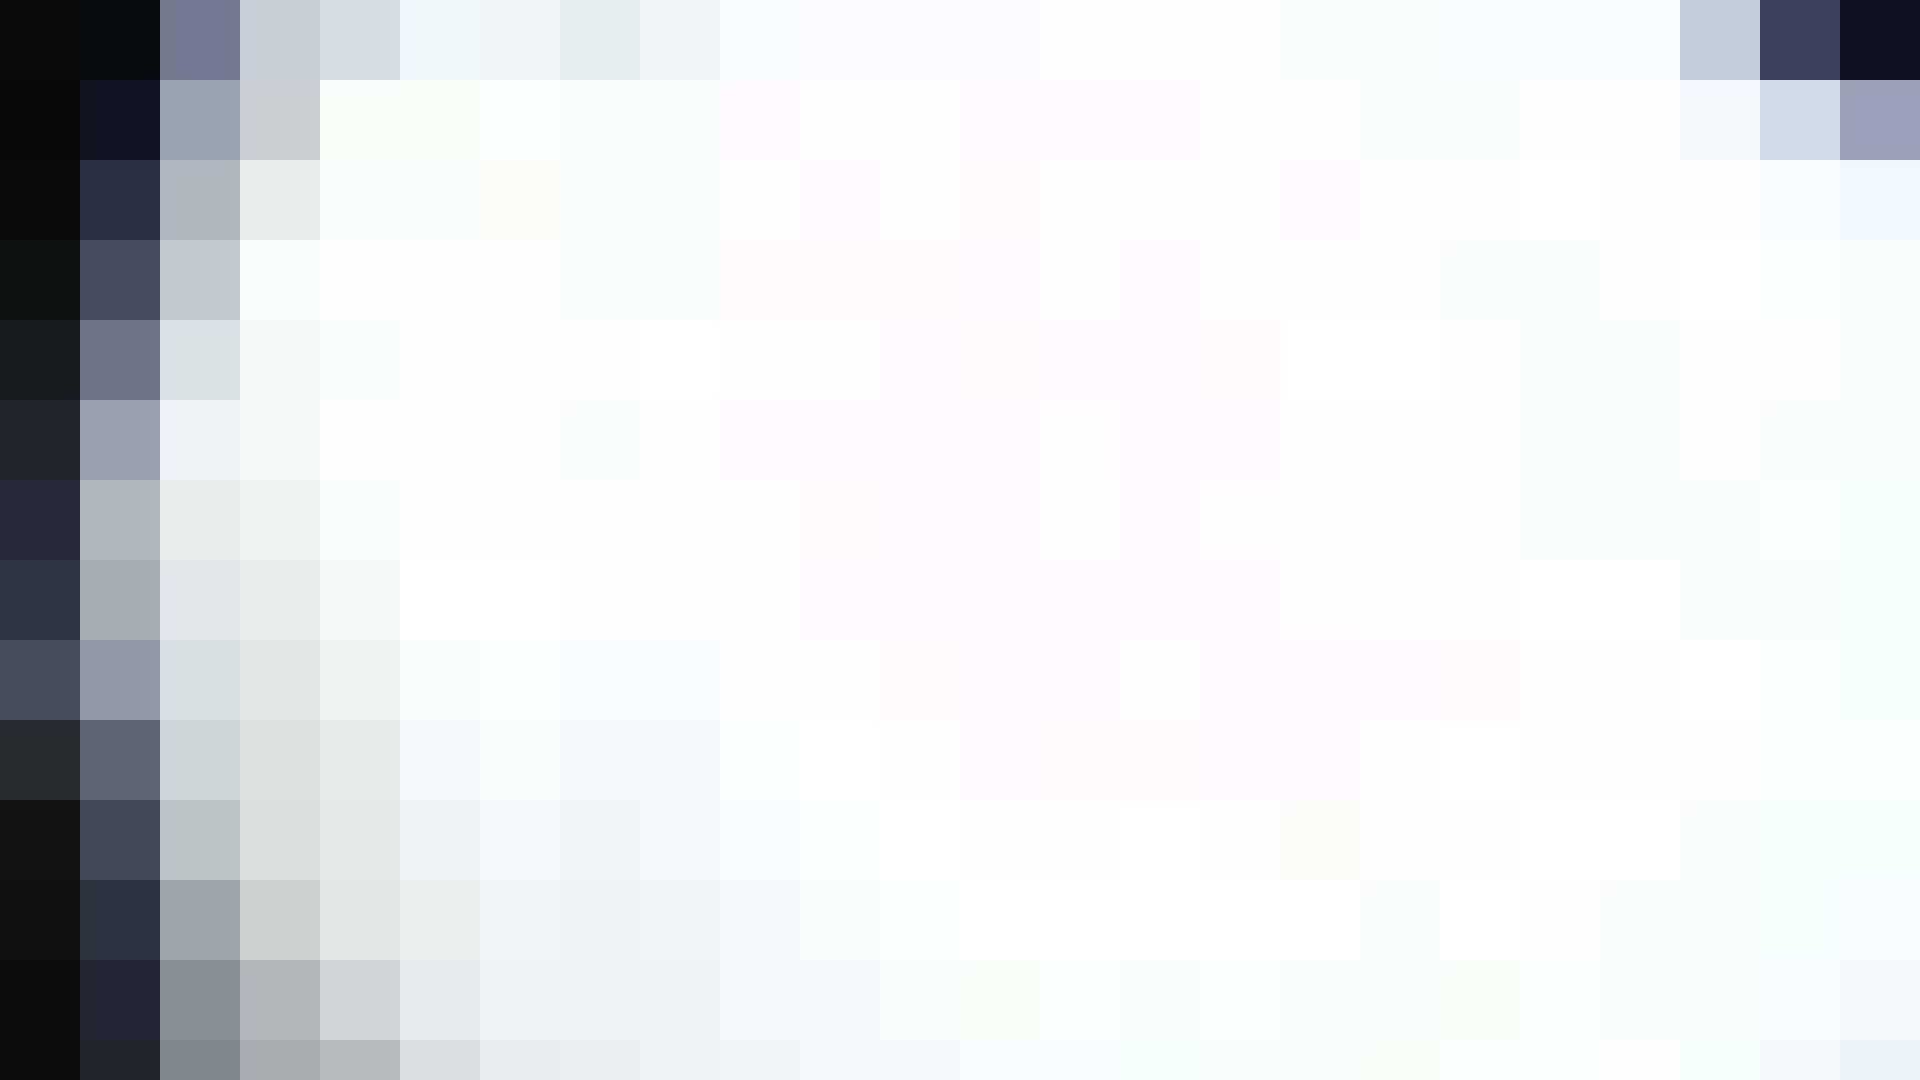 洗面所特攻隊 vol.016 ナナメな方 洗面所  36pic 12